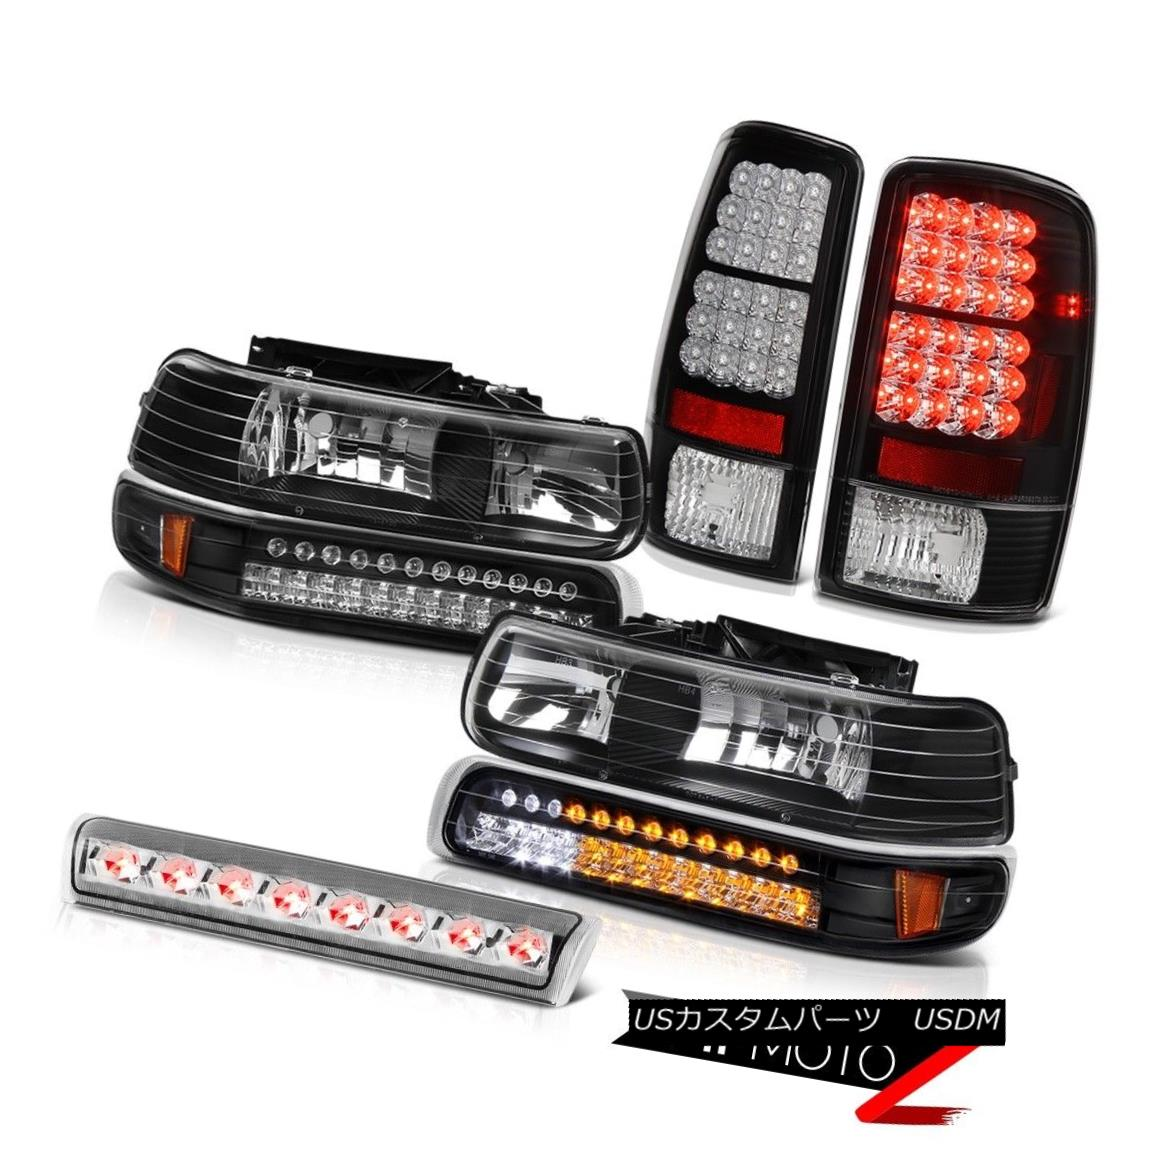 テールライト 00-06 Suburban 5.7L LED Bumper+Headlights Black Taillamps High Roof Stop Chrome 00-06郊外5.7L LEDバンパー+ヘッドリッグ htsブラックタイラーアンプ高屋根ストップクローム